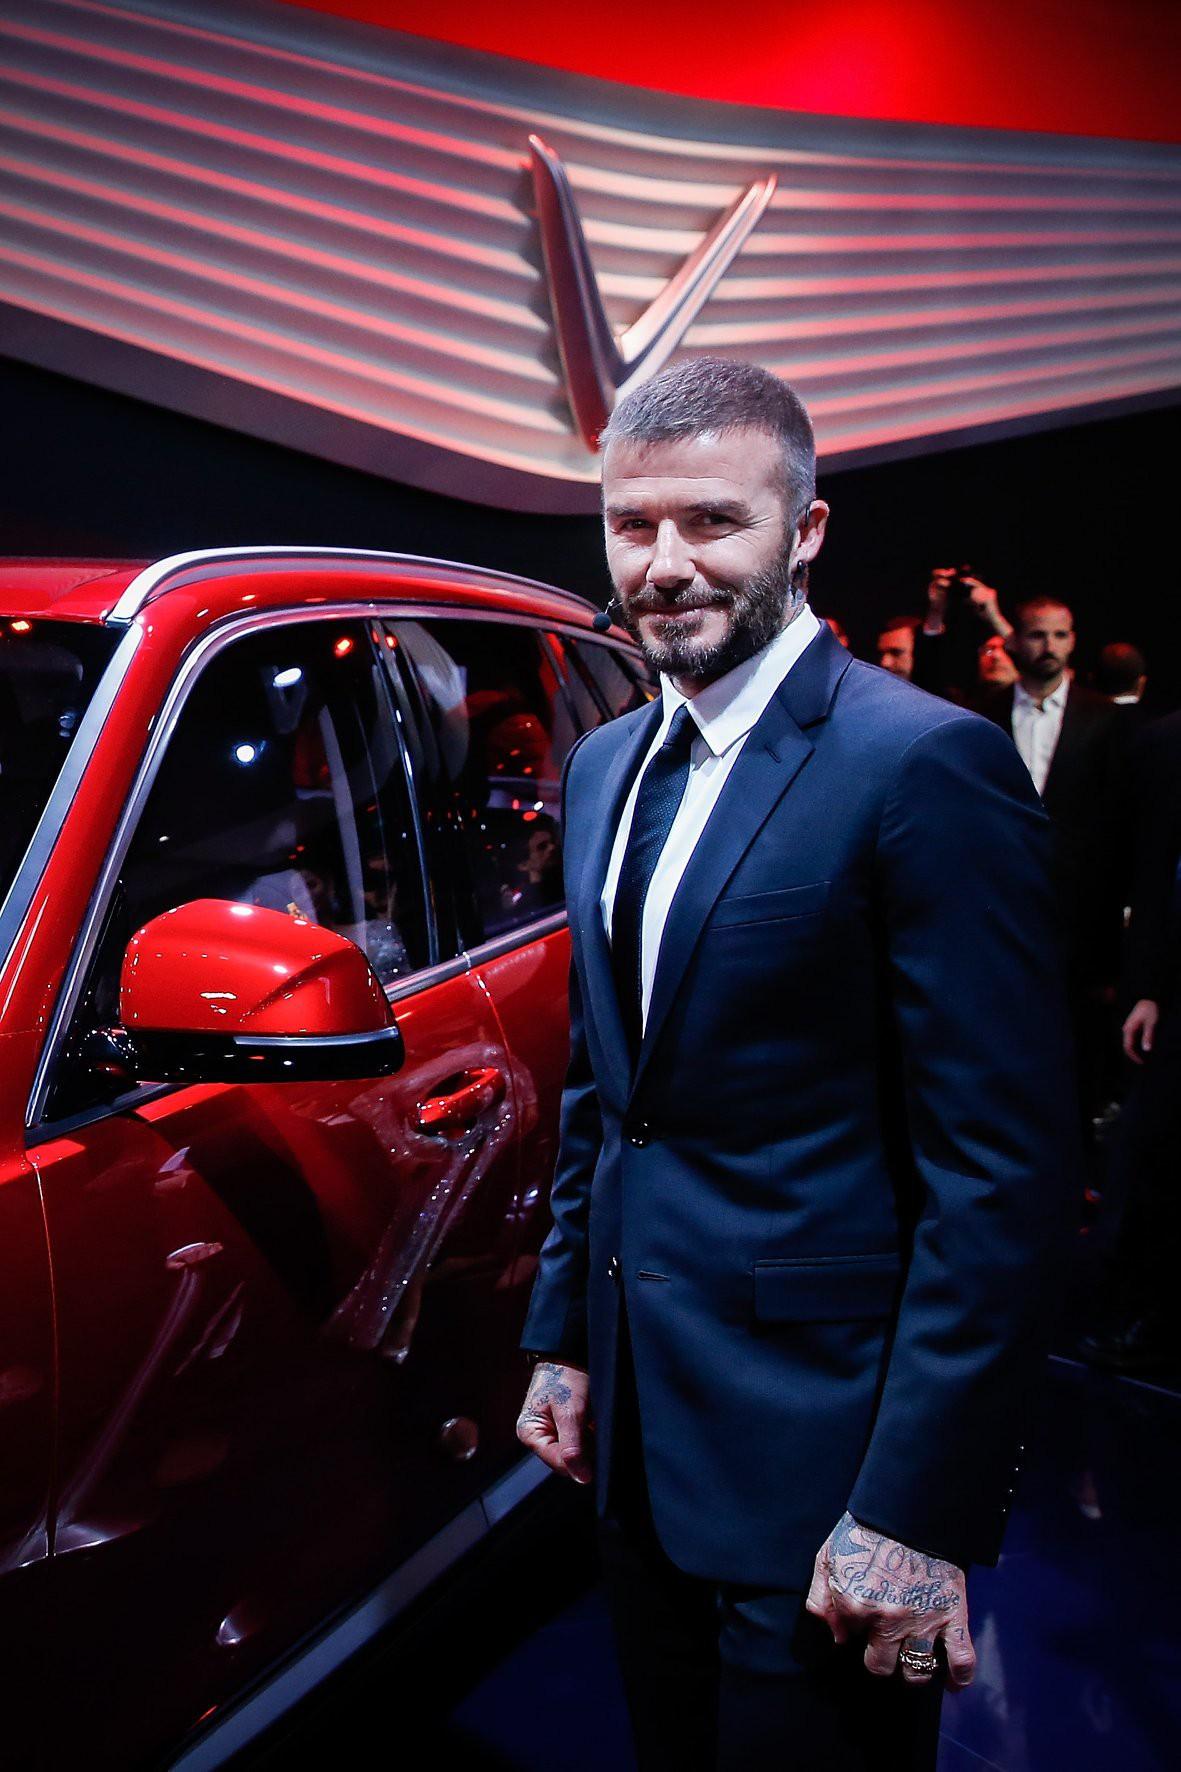 Trở về từ sự kiện ra mắt tầm cỡ của VinFast, David Beckham đăng tải dòng trạng thái khiến dân tình dậy sóng - Ảnh 2.